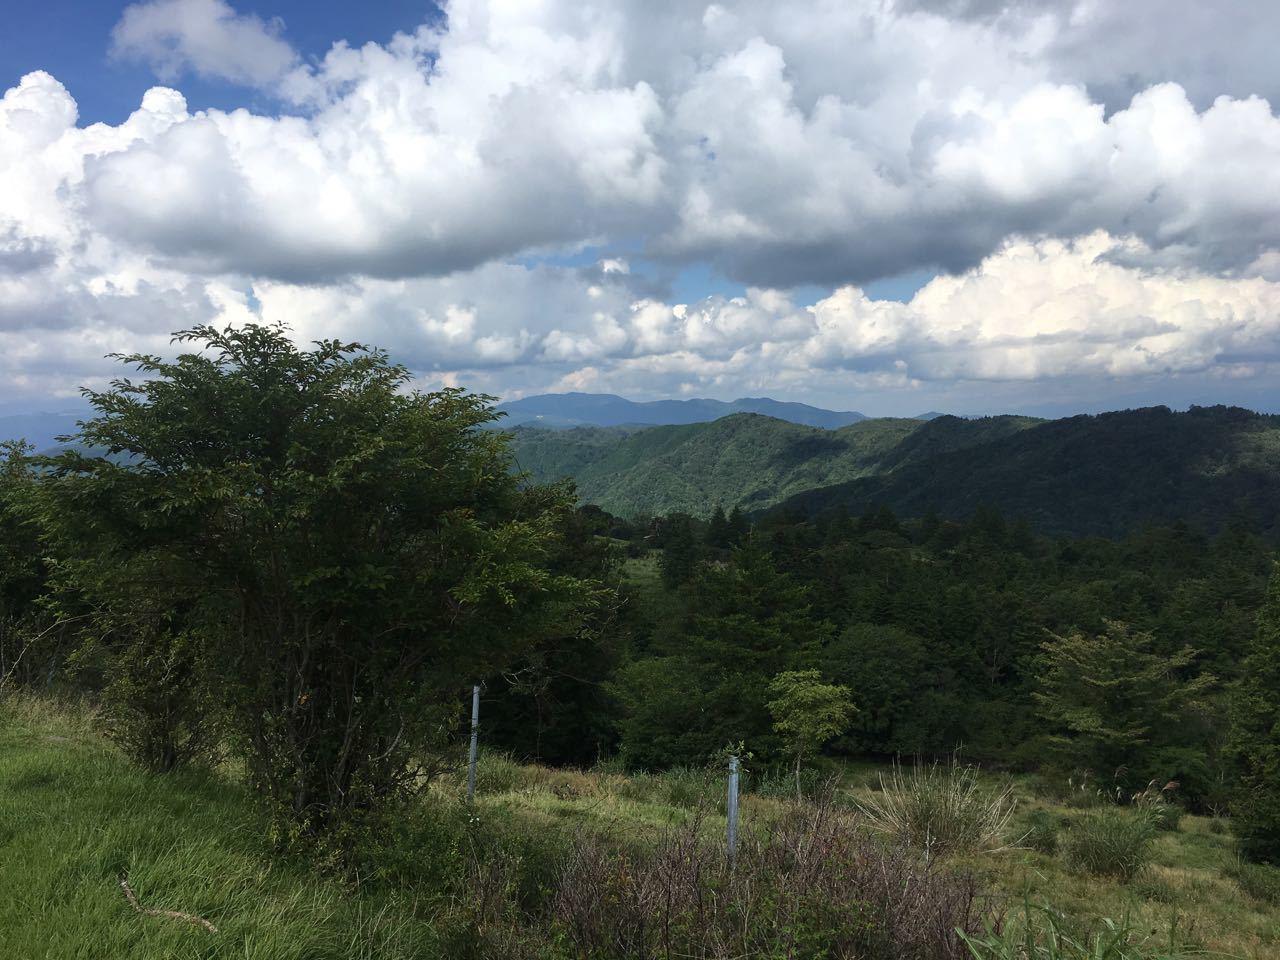 2019.09.03「SDA王滝120km 」_c0197974_12423935.jpg